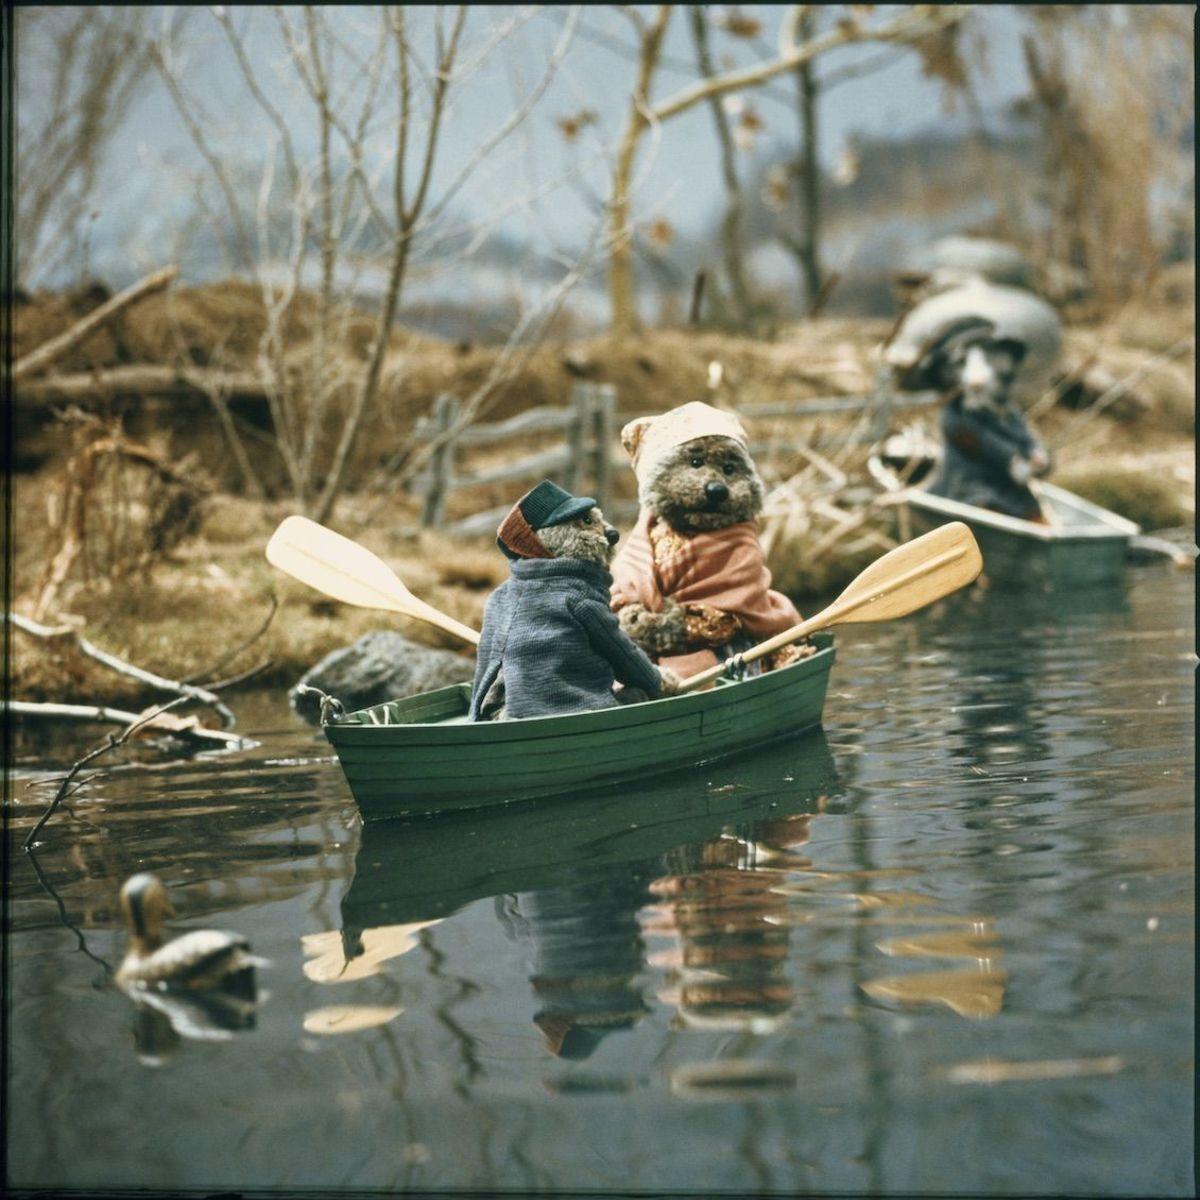 Emmet Otter & Ma Otter